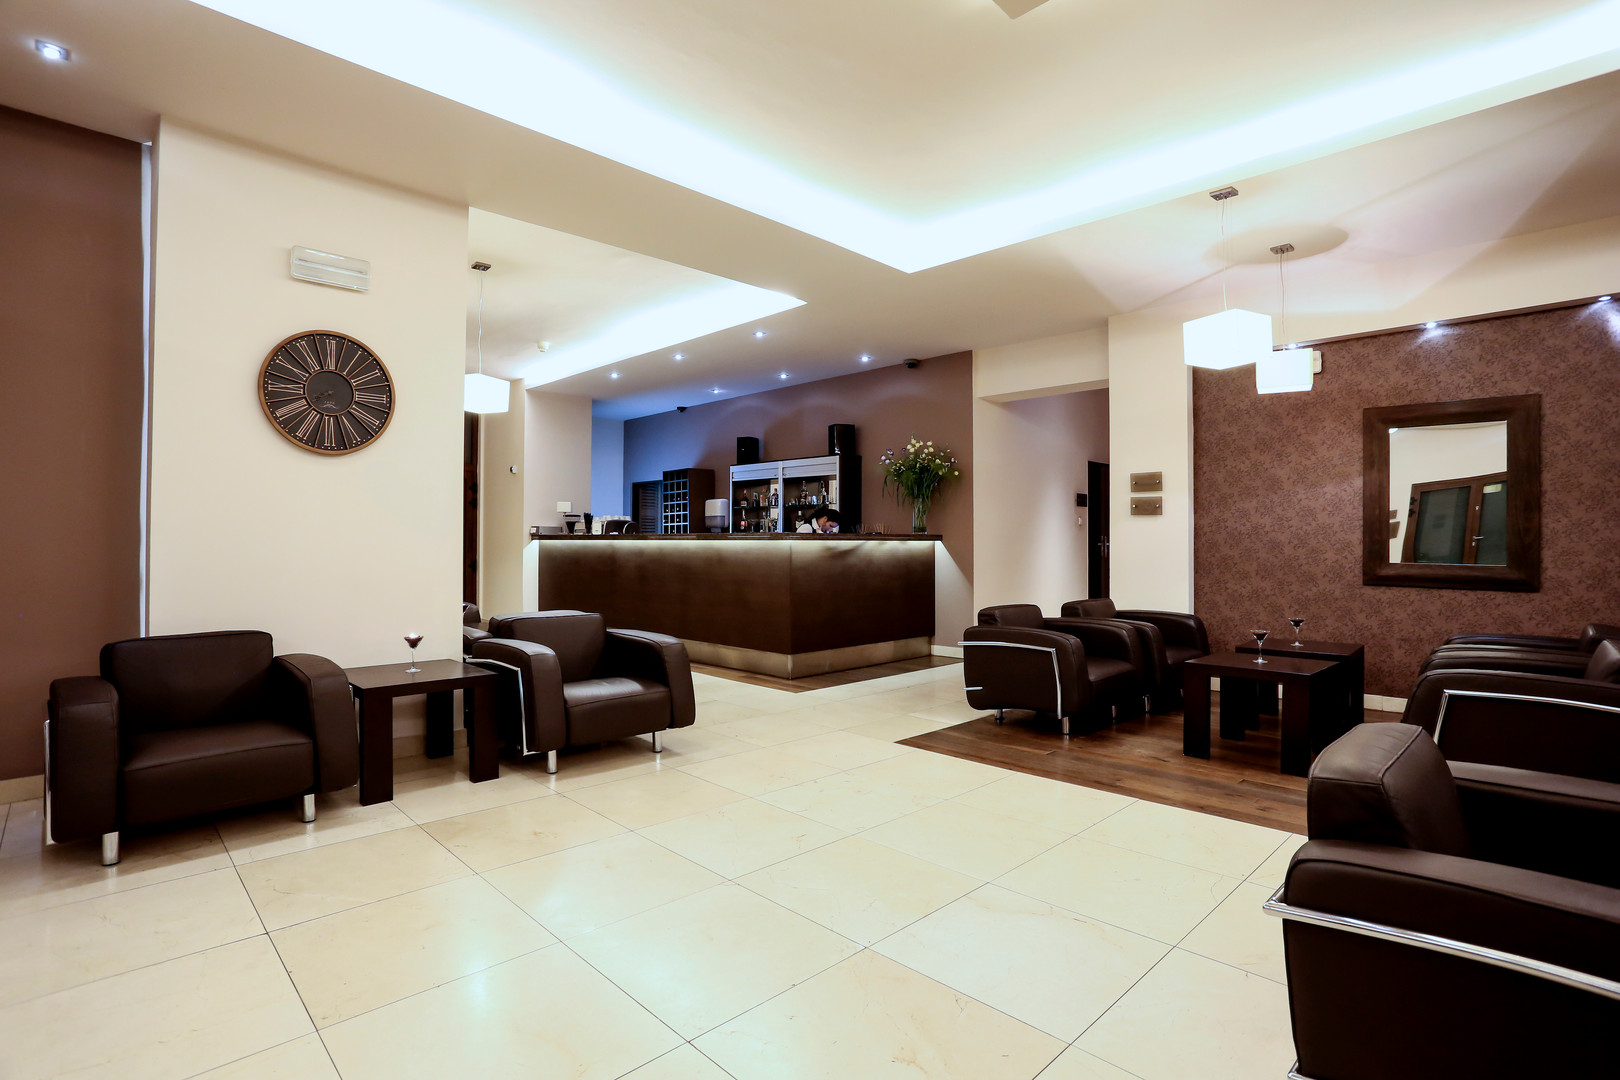 hotel_wilga4.jpg